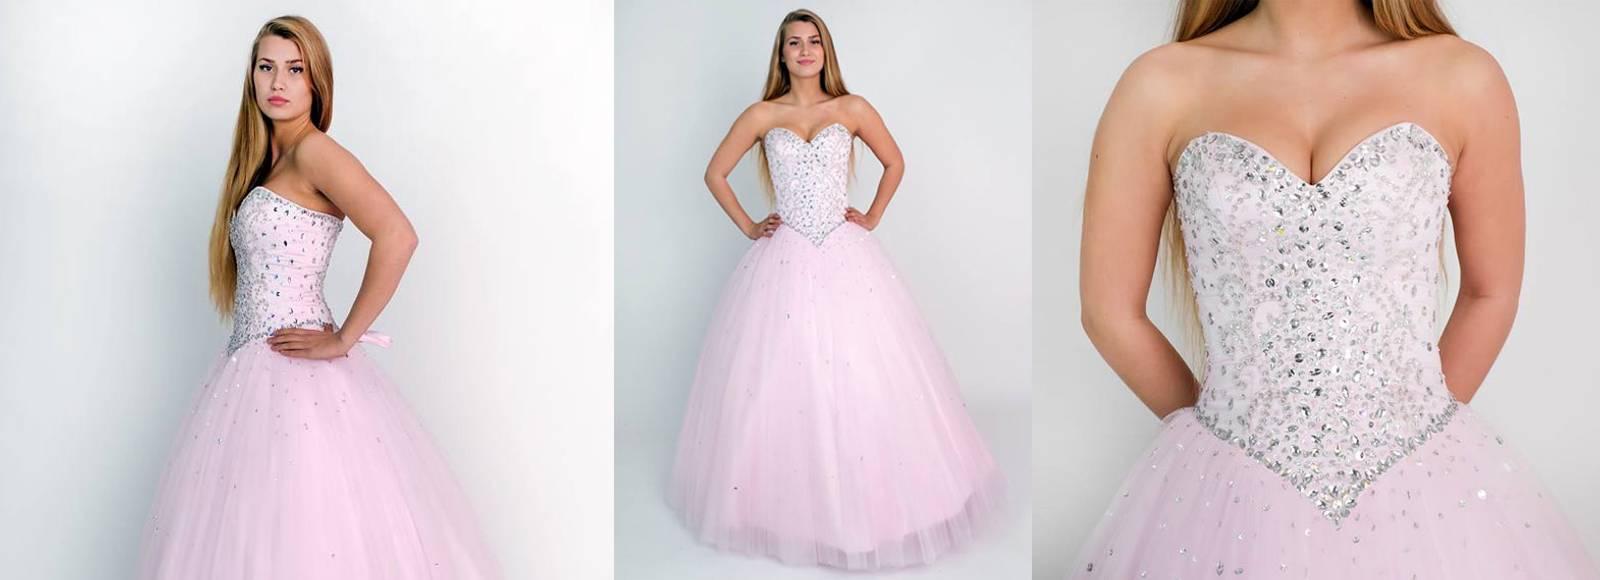 jente som har på seg lyserosa stroppeløs ballkjole med glitter på korsettet  og stort tyllskjørt